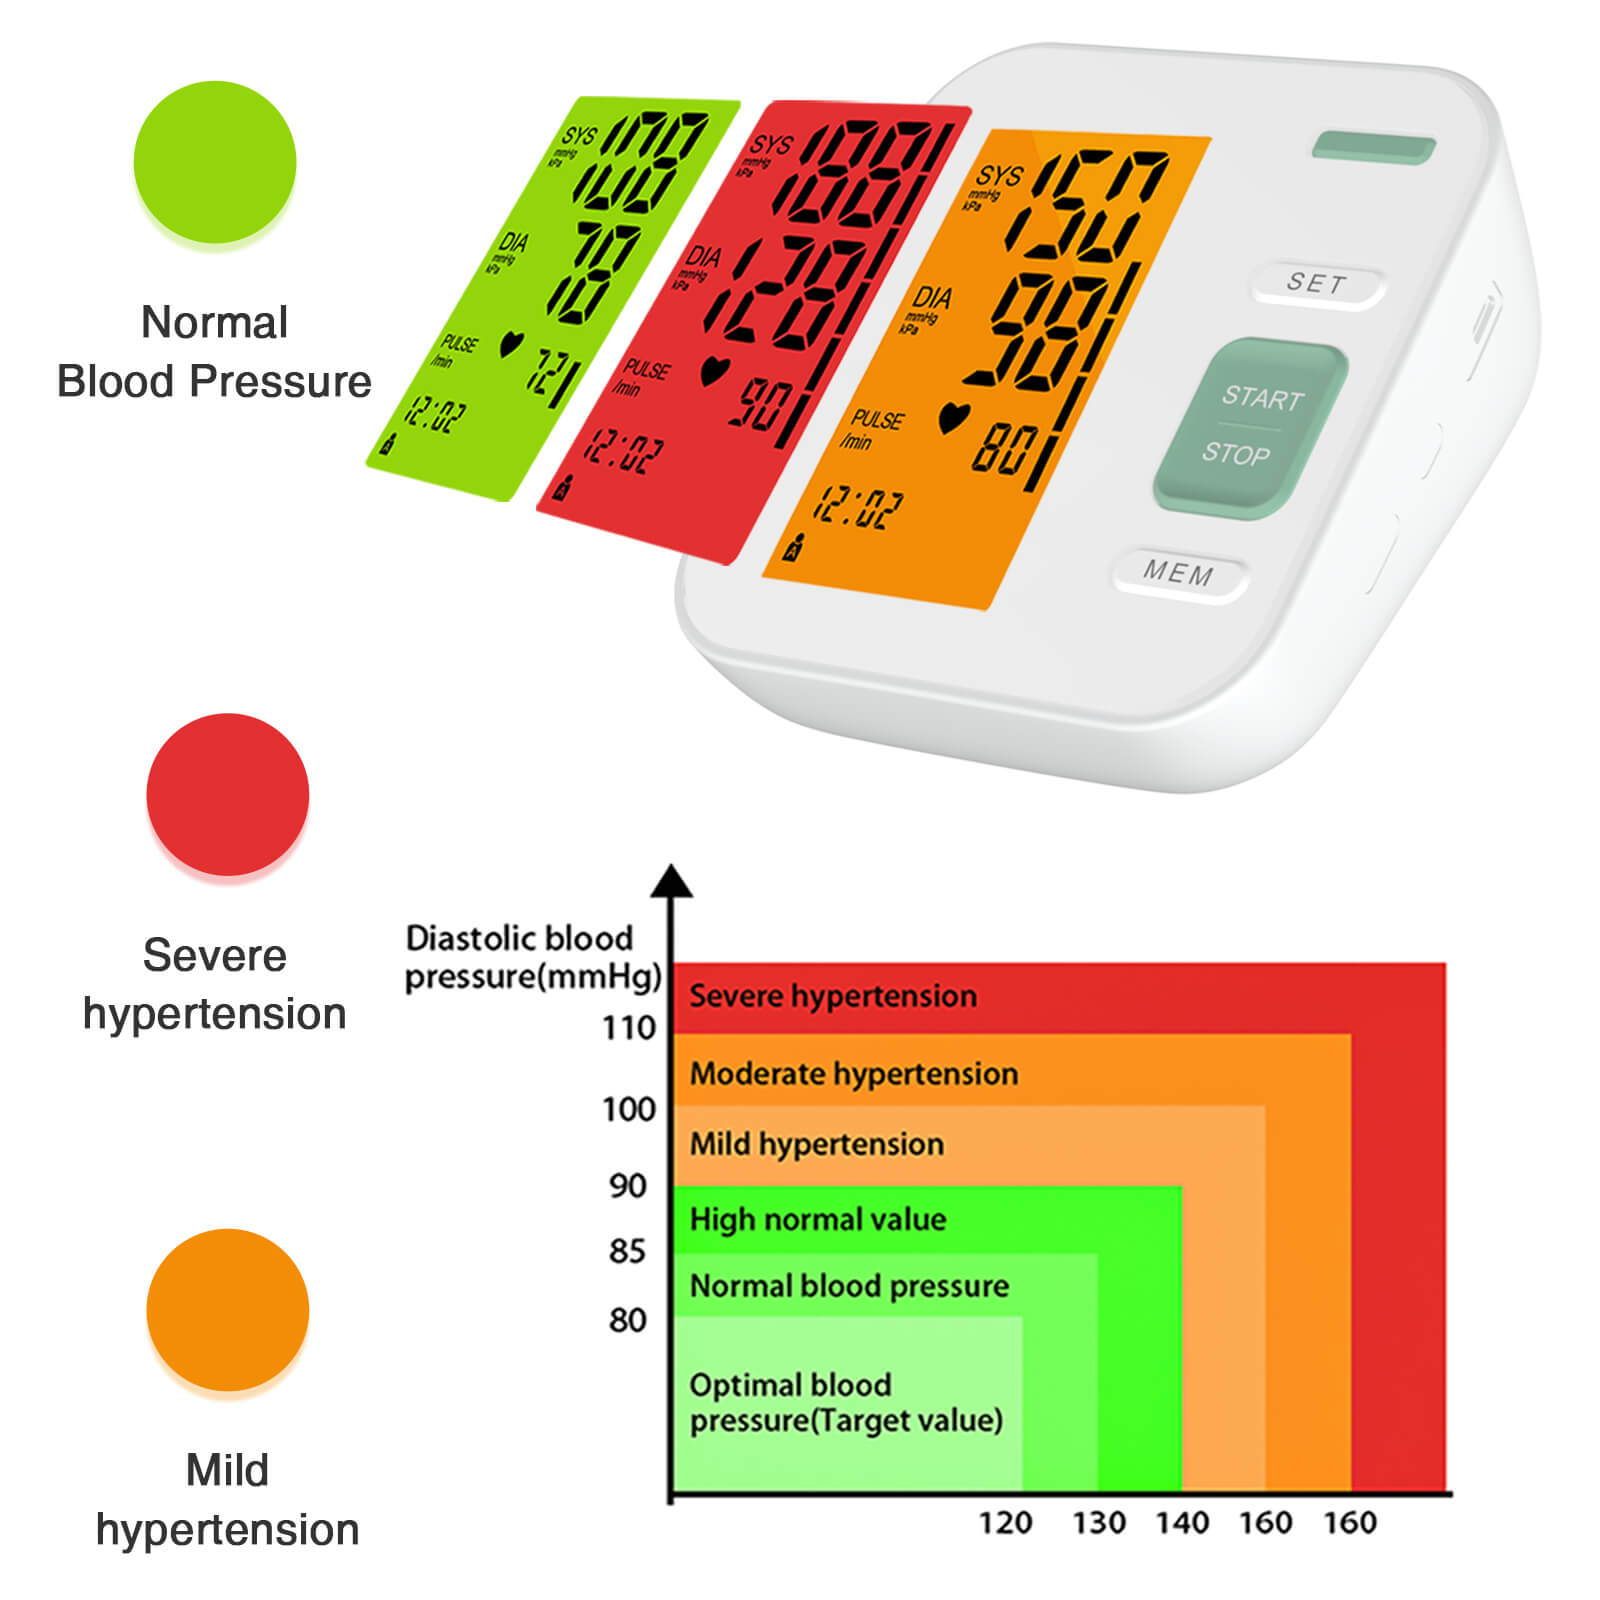 يوضح الرسم البياني مستويات مختلفة من ارتفاع ضغط الدم باللون الأحمر والأخضر والبرتقالي